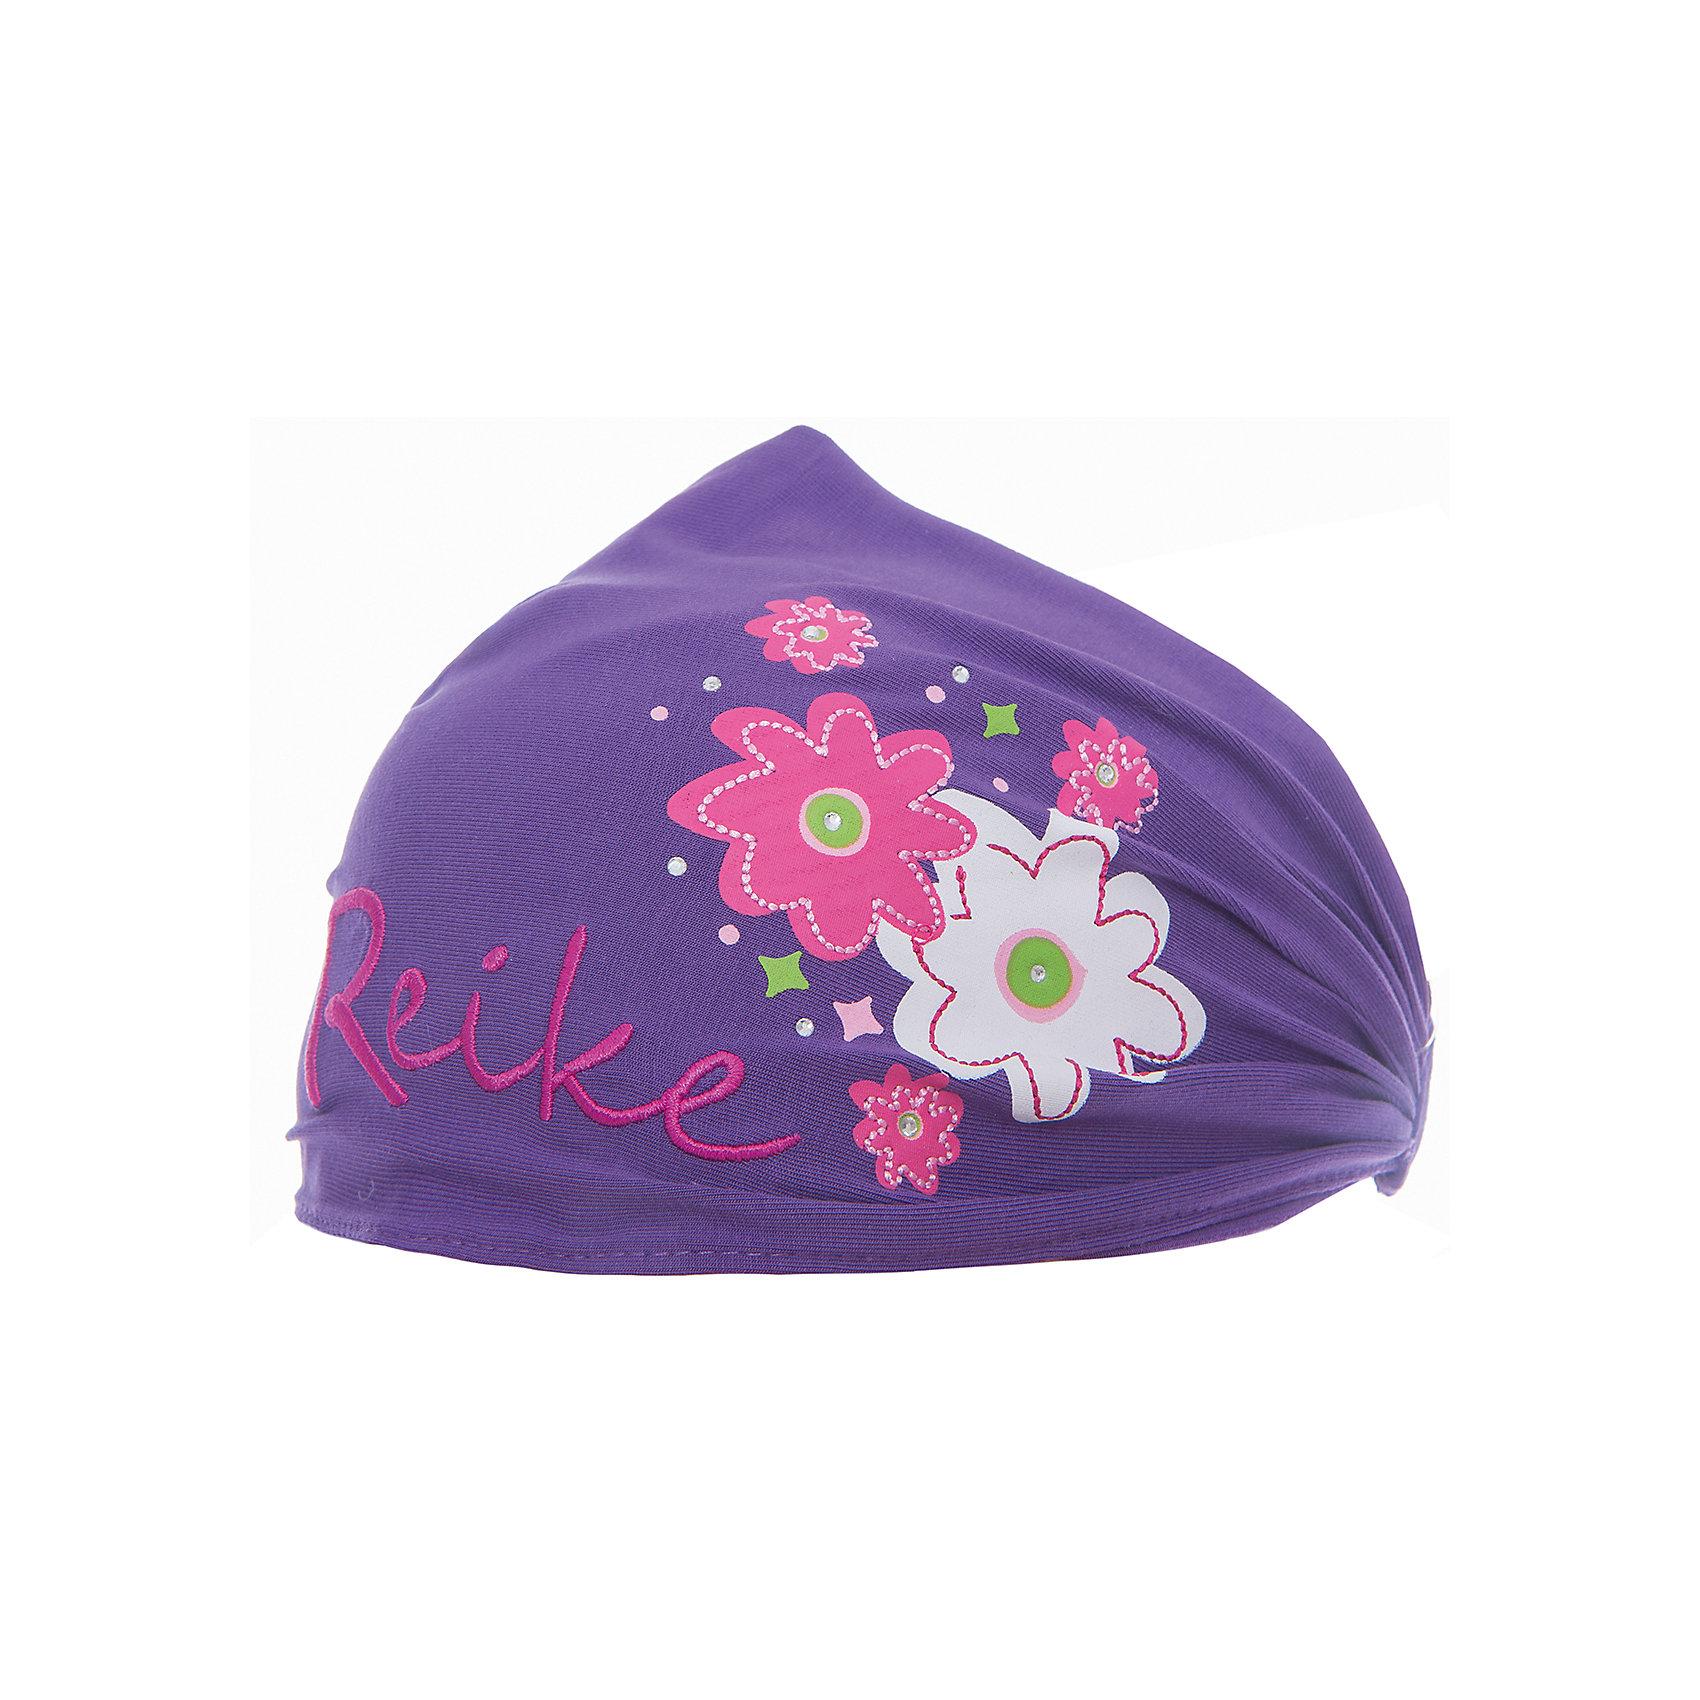 Повязка Reike для девочкиШапки и шарфы<br>Характеристики товара:<br><br>• цвет: фиолетовый<br>• состав: 100% хлопок<br>• декорирована принтом и стразами<br>• мягкий материал<br>• страна бренда: Финляндия<br><br>Новая коллекция от известного финского производителя Reike отличается ярким дизайном, продуманностью и комфортом! Эта модель разработана специально для детей - она учитывает особенности их физиологии, а также новые тенденции в европейской моде. Она отлично сочетается с обувью разных цветов и фасонов. Стильная и удобная вещь!<br><br>Повязку для девочки от популярного бренда Reike можно купить в нашем интернет-магазине.<br><br>Ширина мм: 89<br>Глубина мм: 117<br>Высота мм: 44<br>Вес г: 155<br>Цвет: лиловый<br>Возраст от месяцев: 12<br>Возраст до месяцев: 18<br>Пол: Женский<br>Возраст: Детский<br>Размер: 48,52,50<br>SKU: 5430192